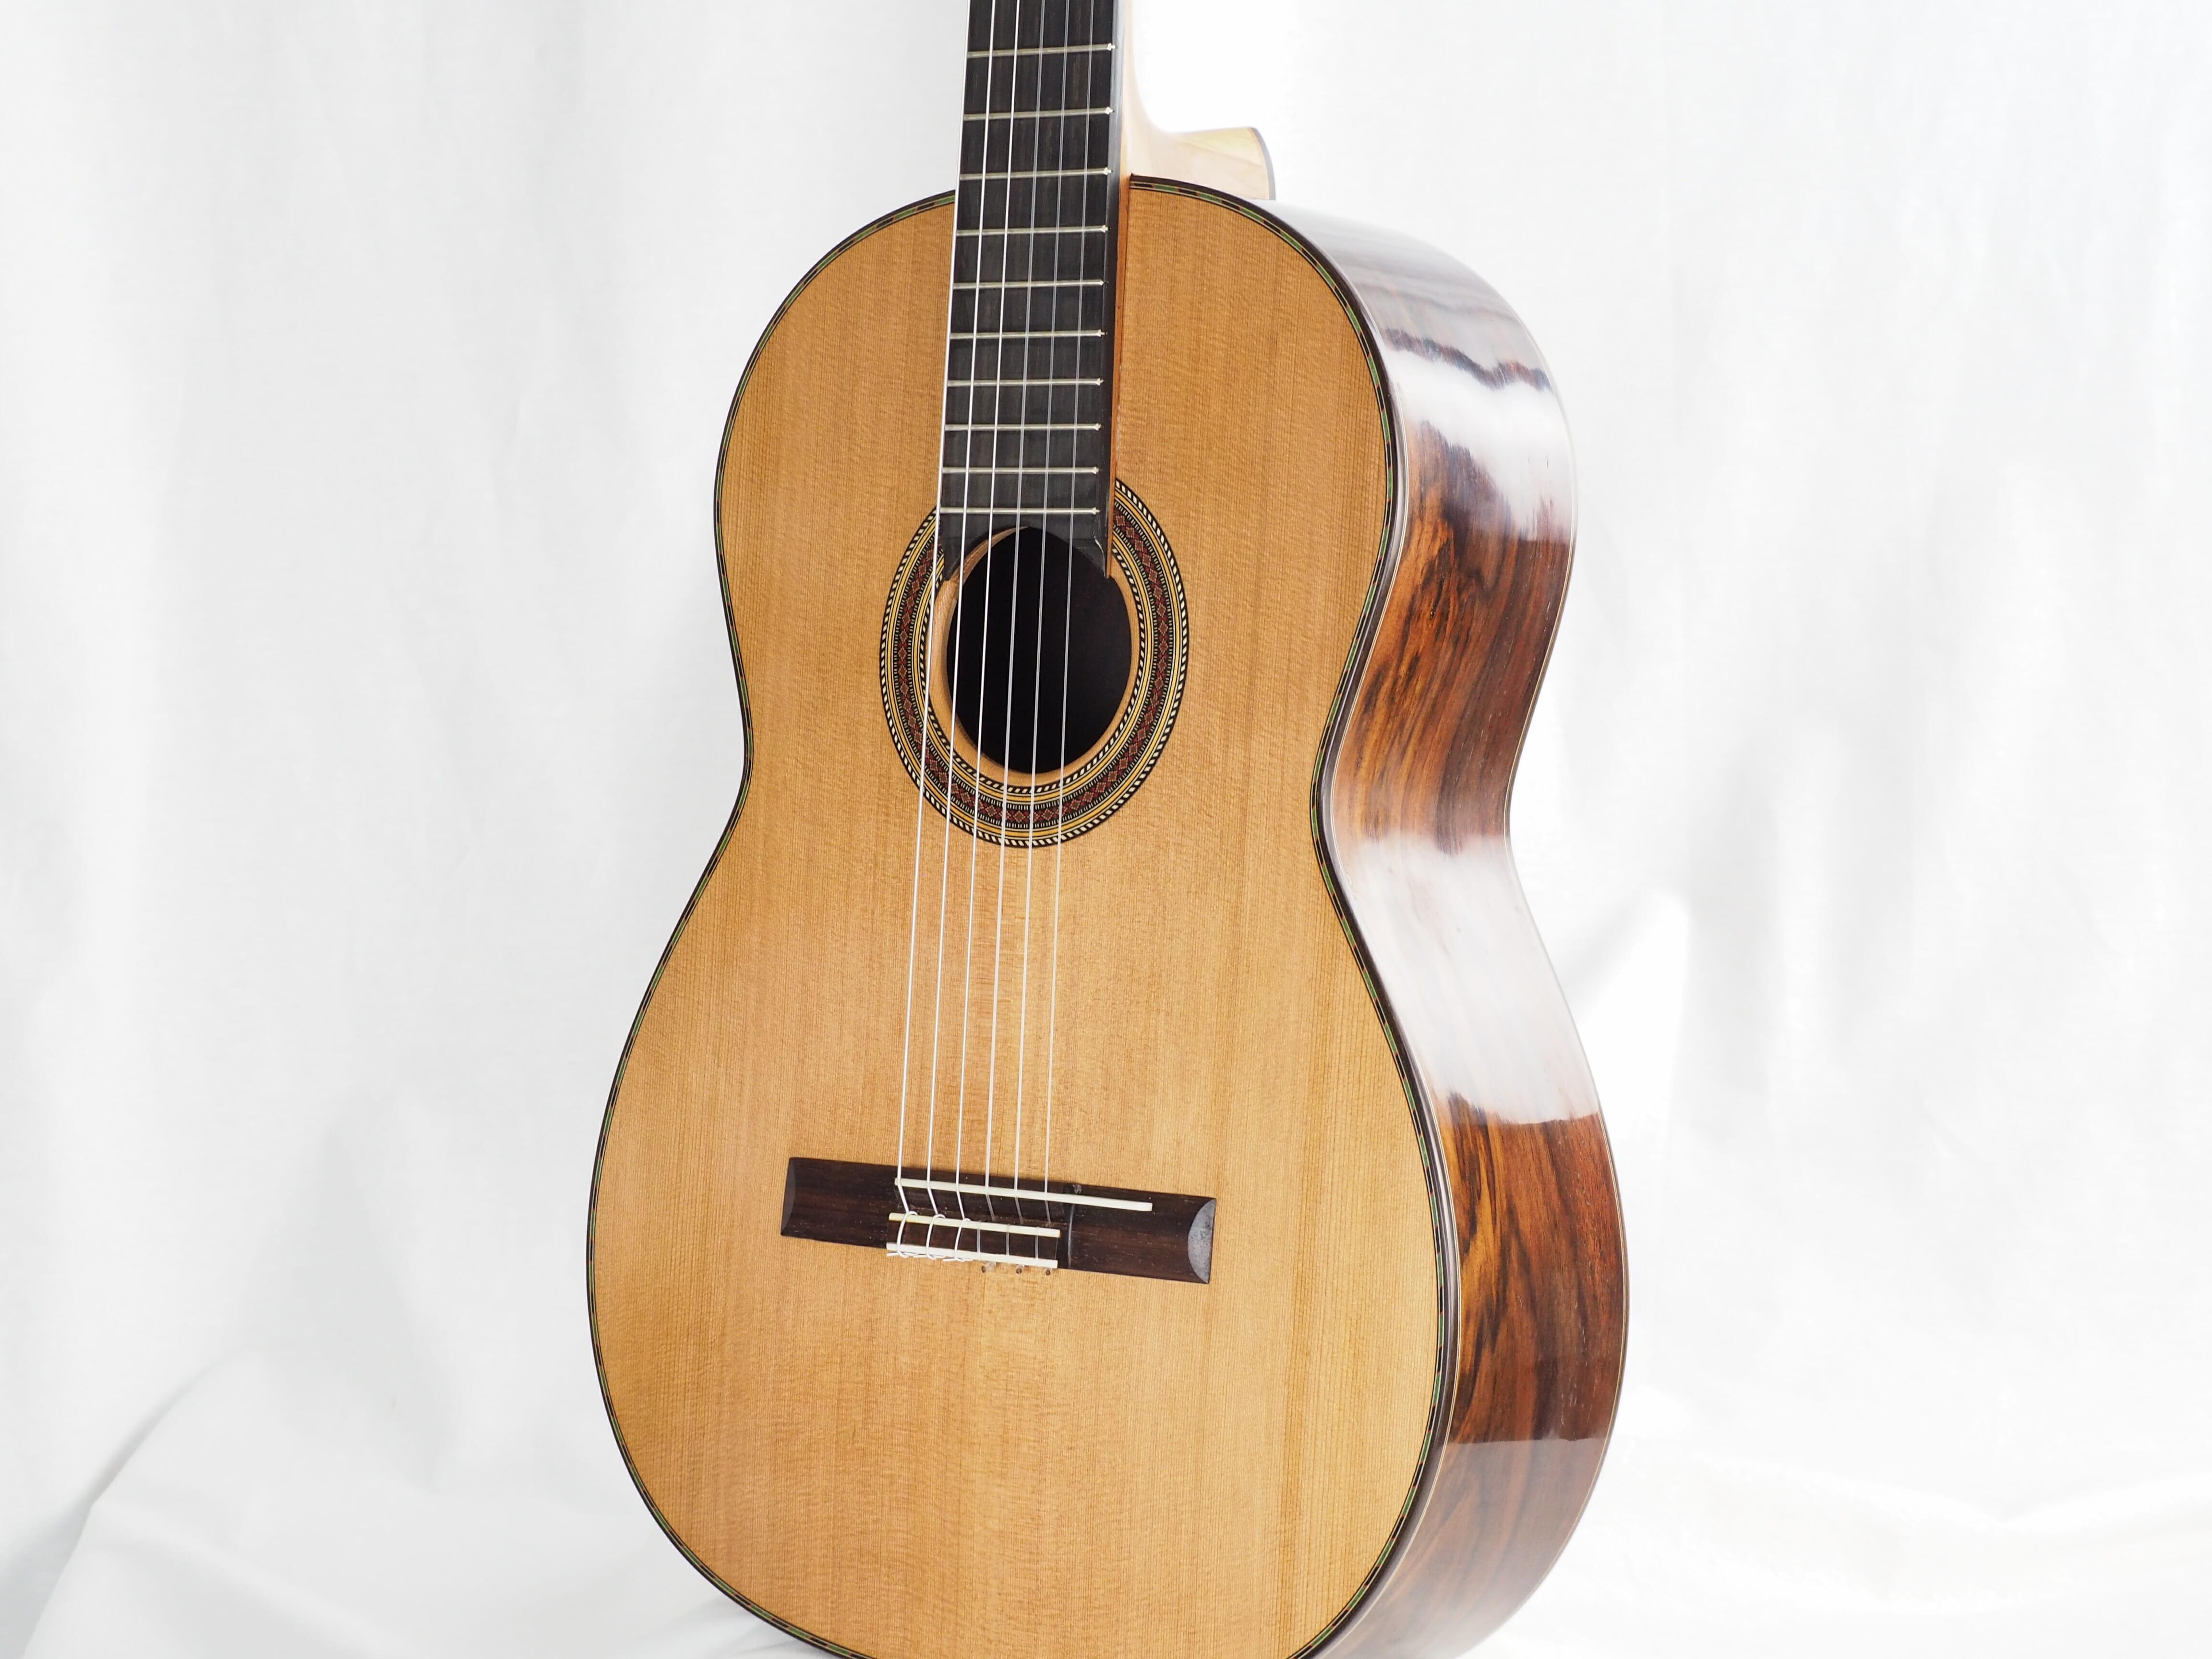 Ioannis Palaiodimopoulos guitare classique lattice